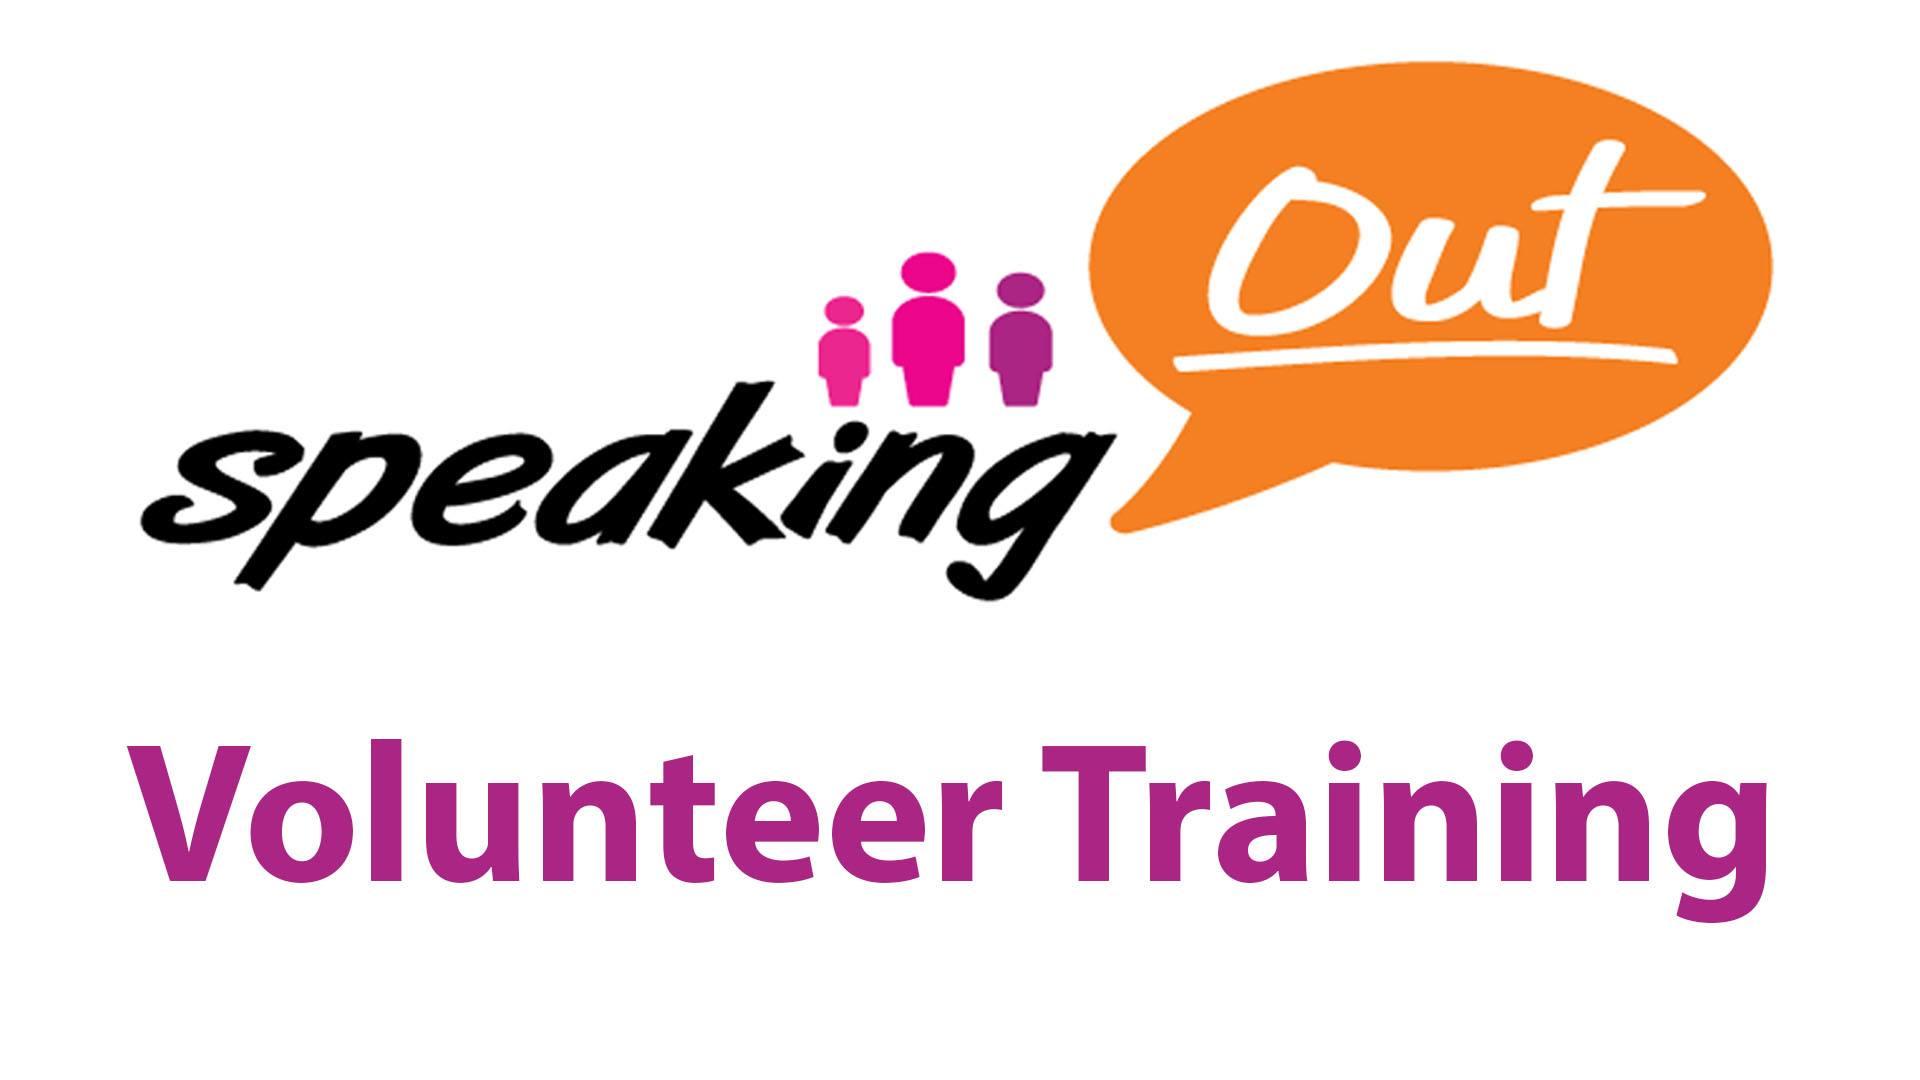 Speaking Out Volunteer Training Graphic.jpg